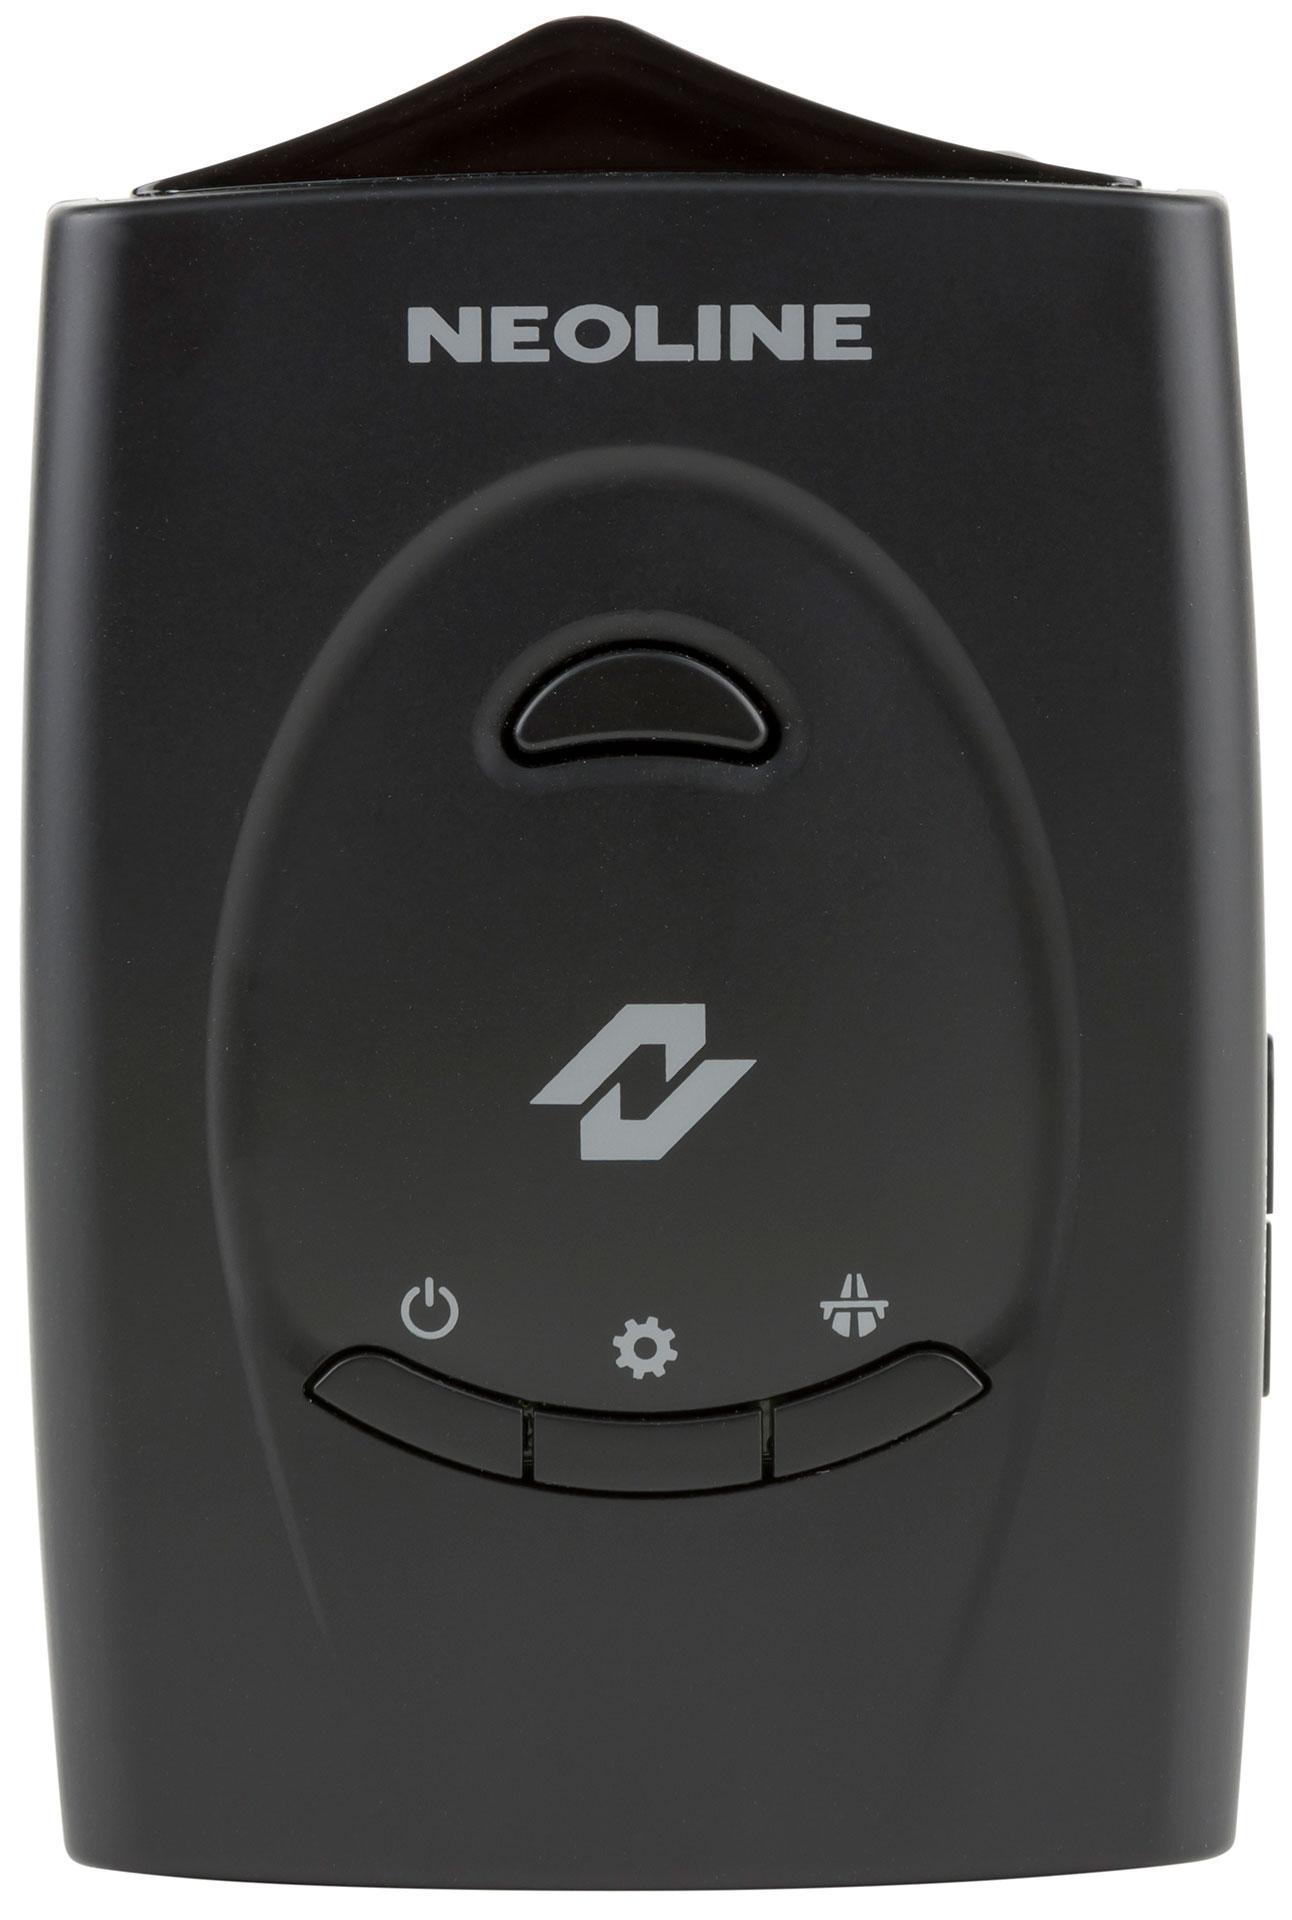 Без ложных срабатываний: обзор радар-детектора Neoline X-COP 7500s с фильтром Z-сигнатур